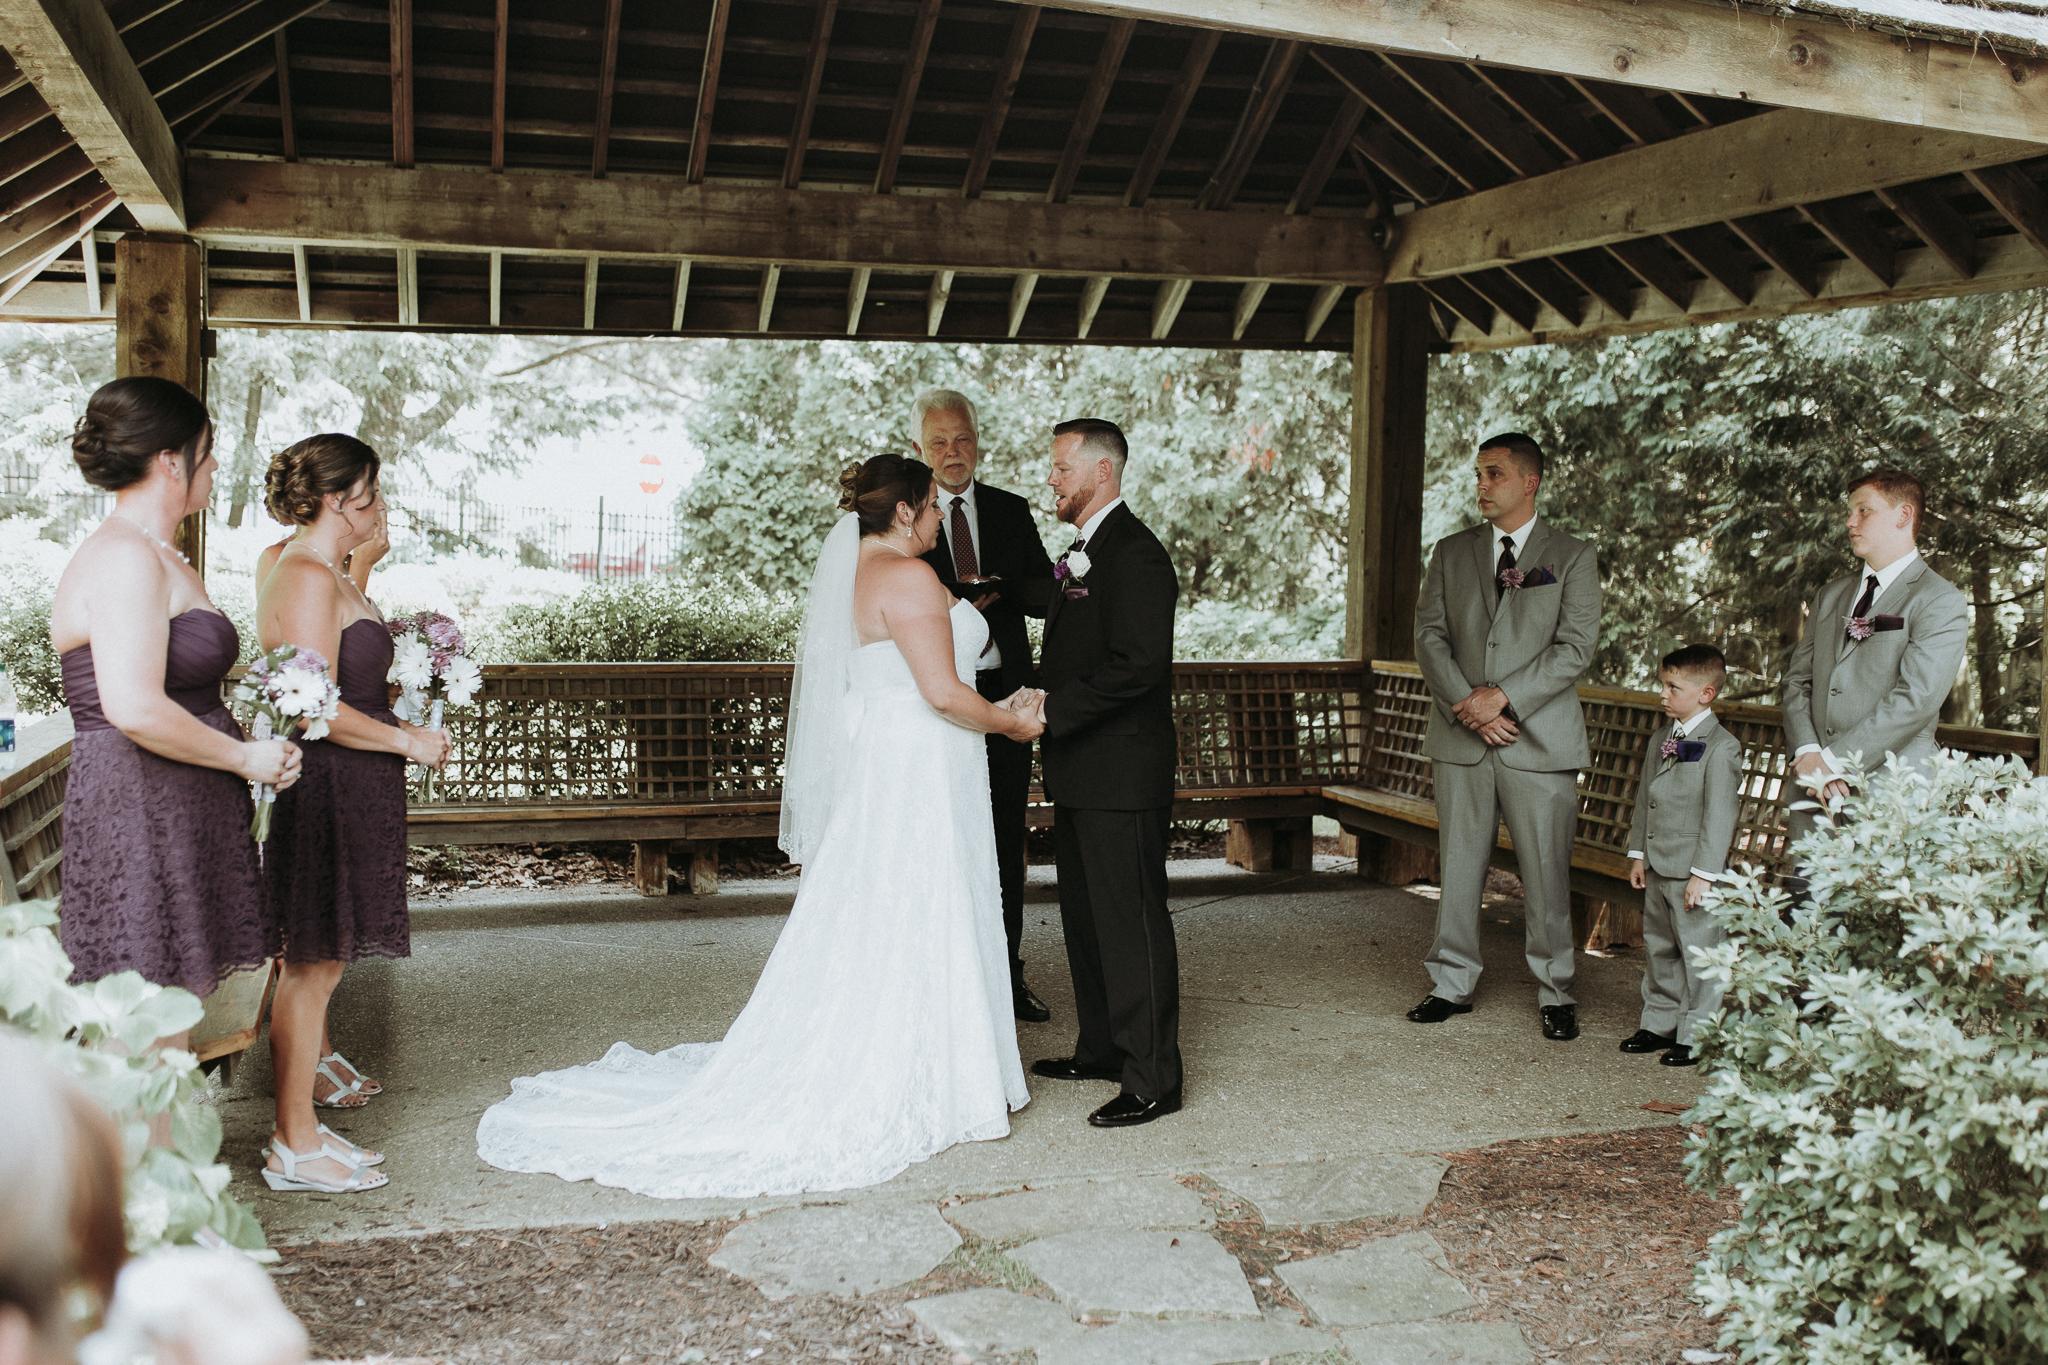 gannonwedding-93.JPG